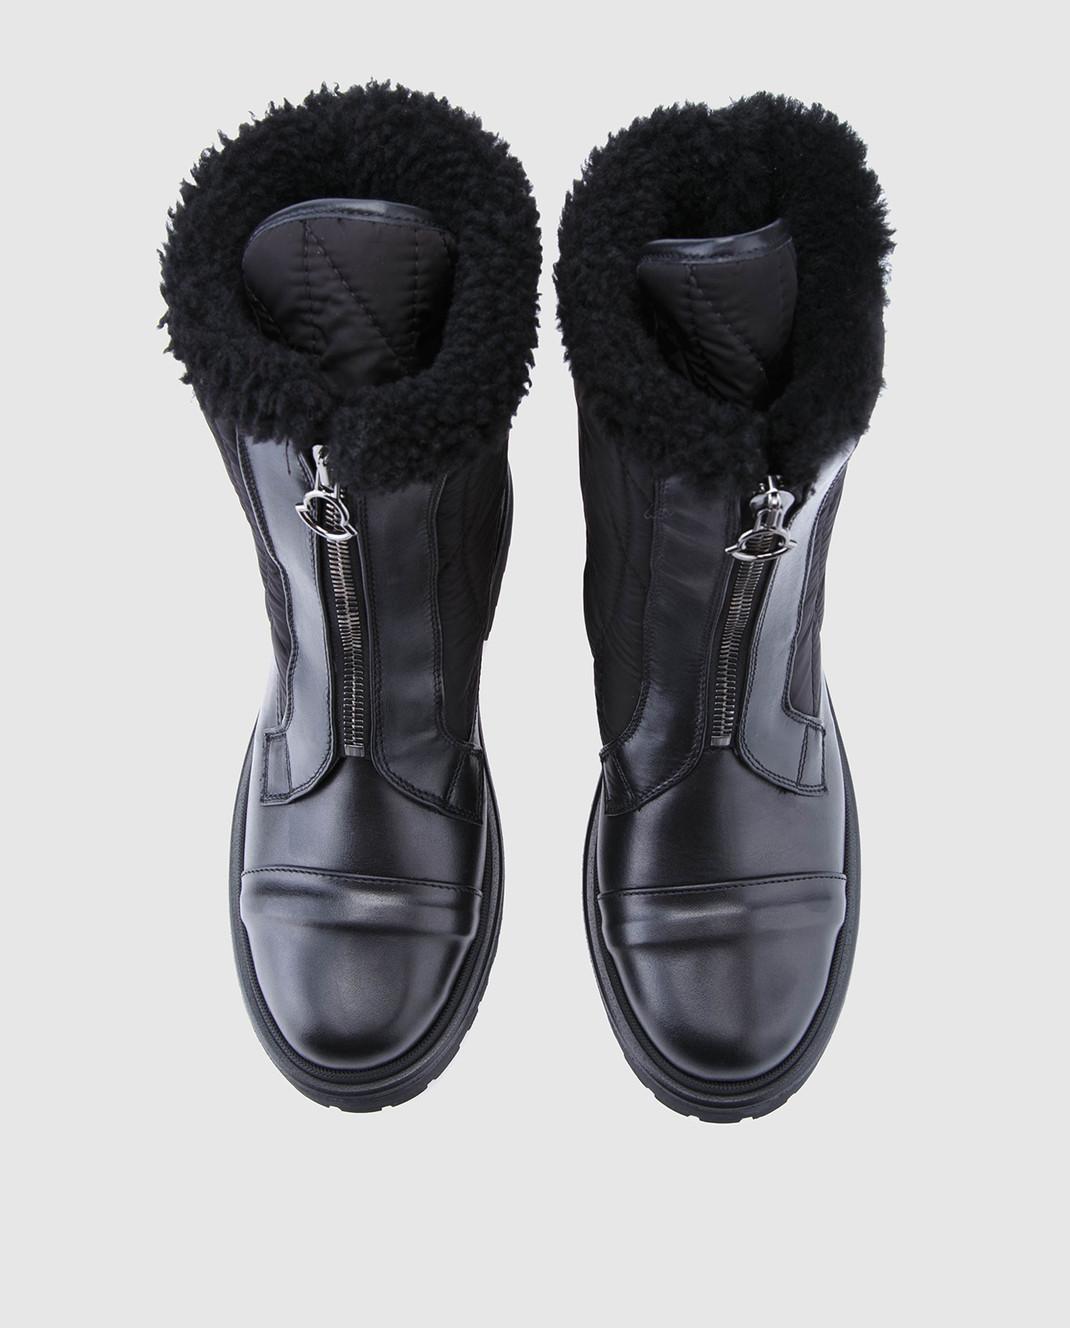 Moncler Черные кожаные ботинки 20314 изображение 4